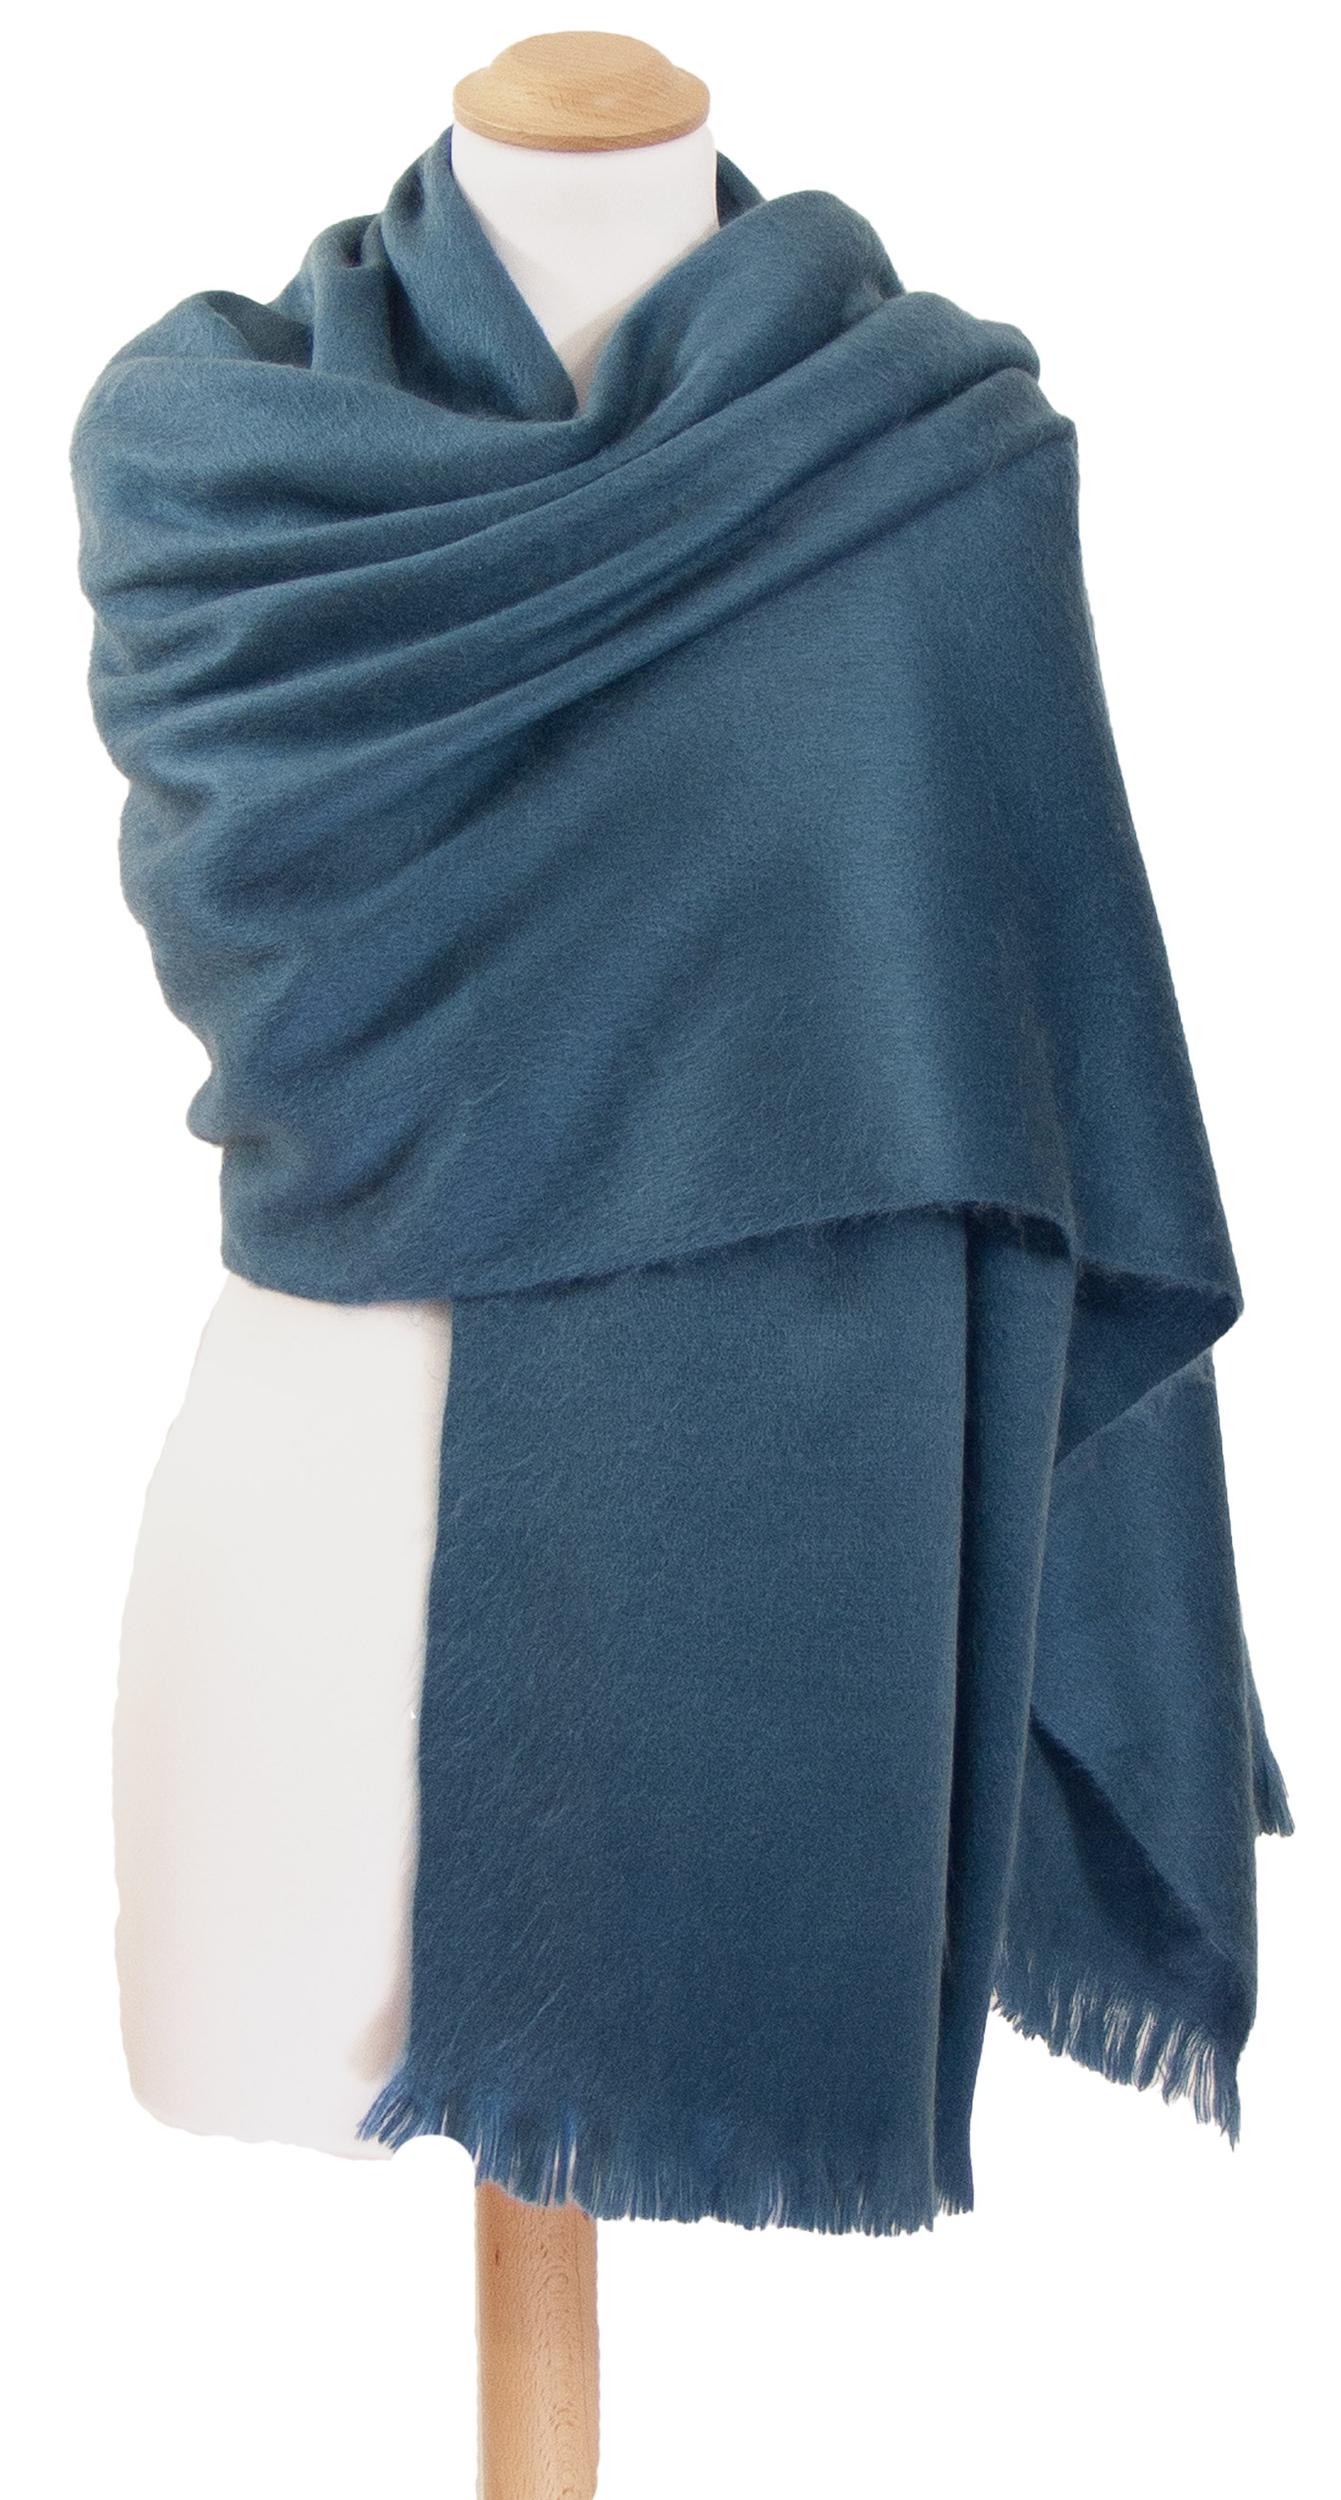 Châle en laine alpaga bleu gris